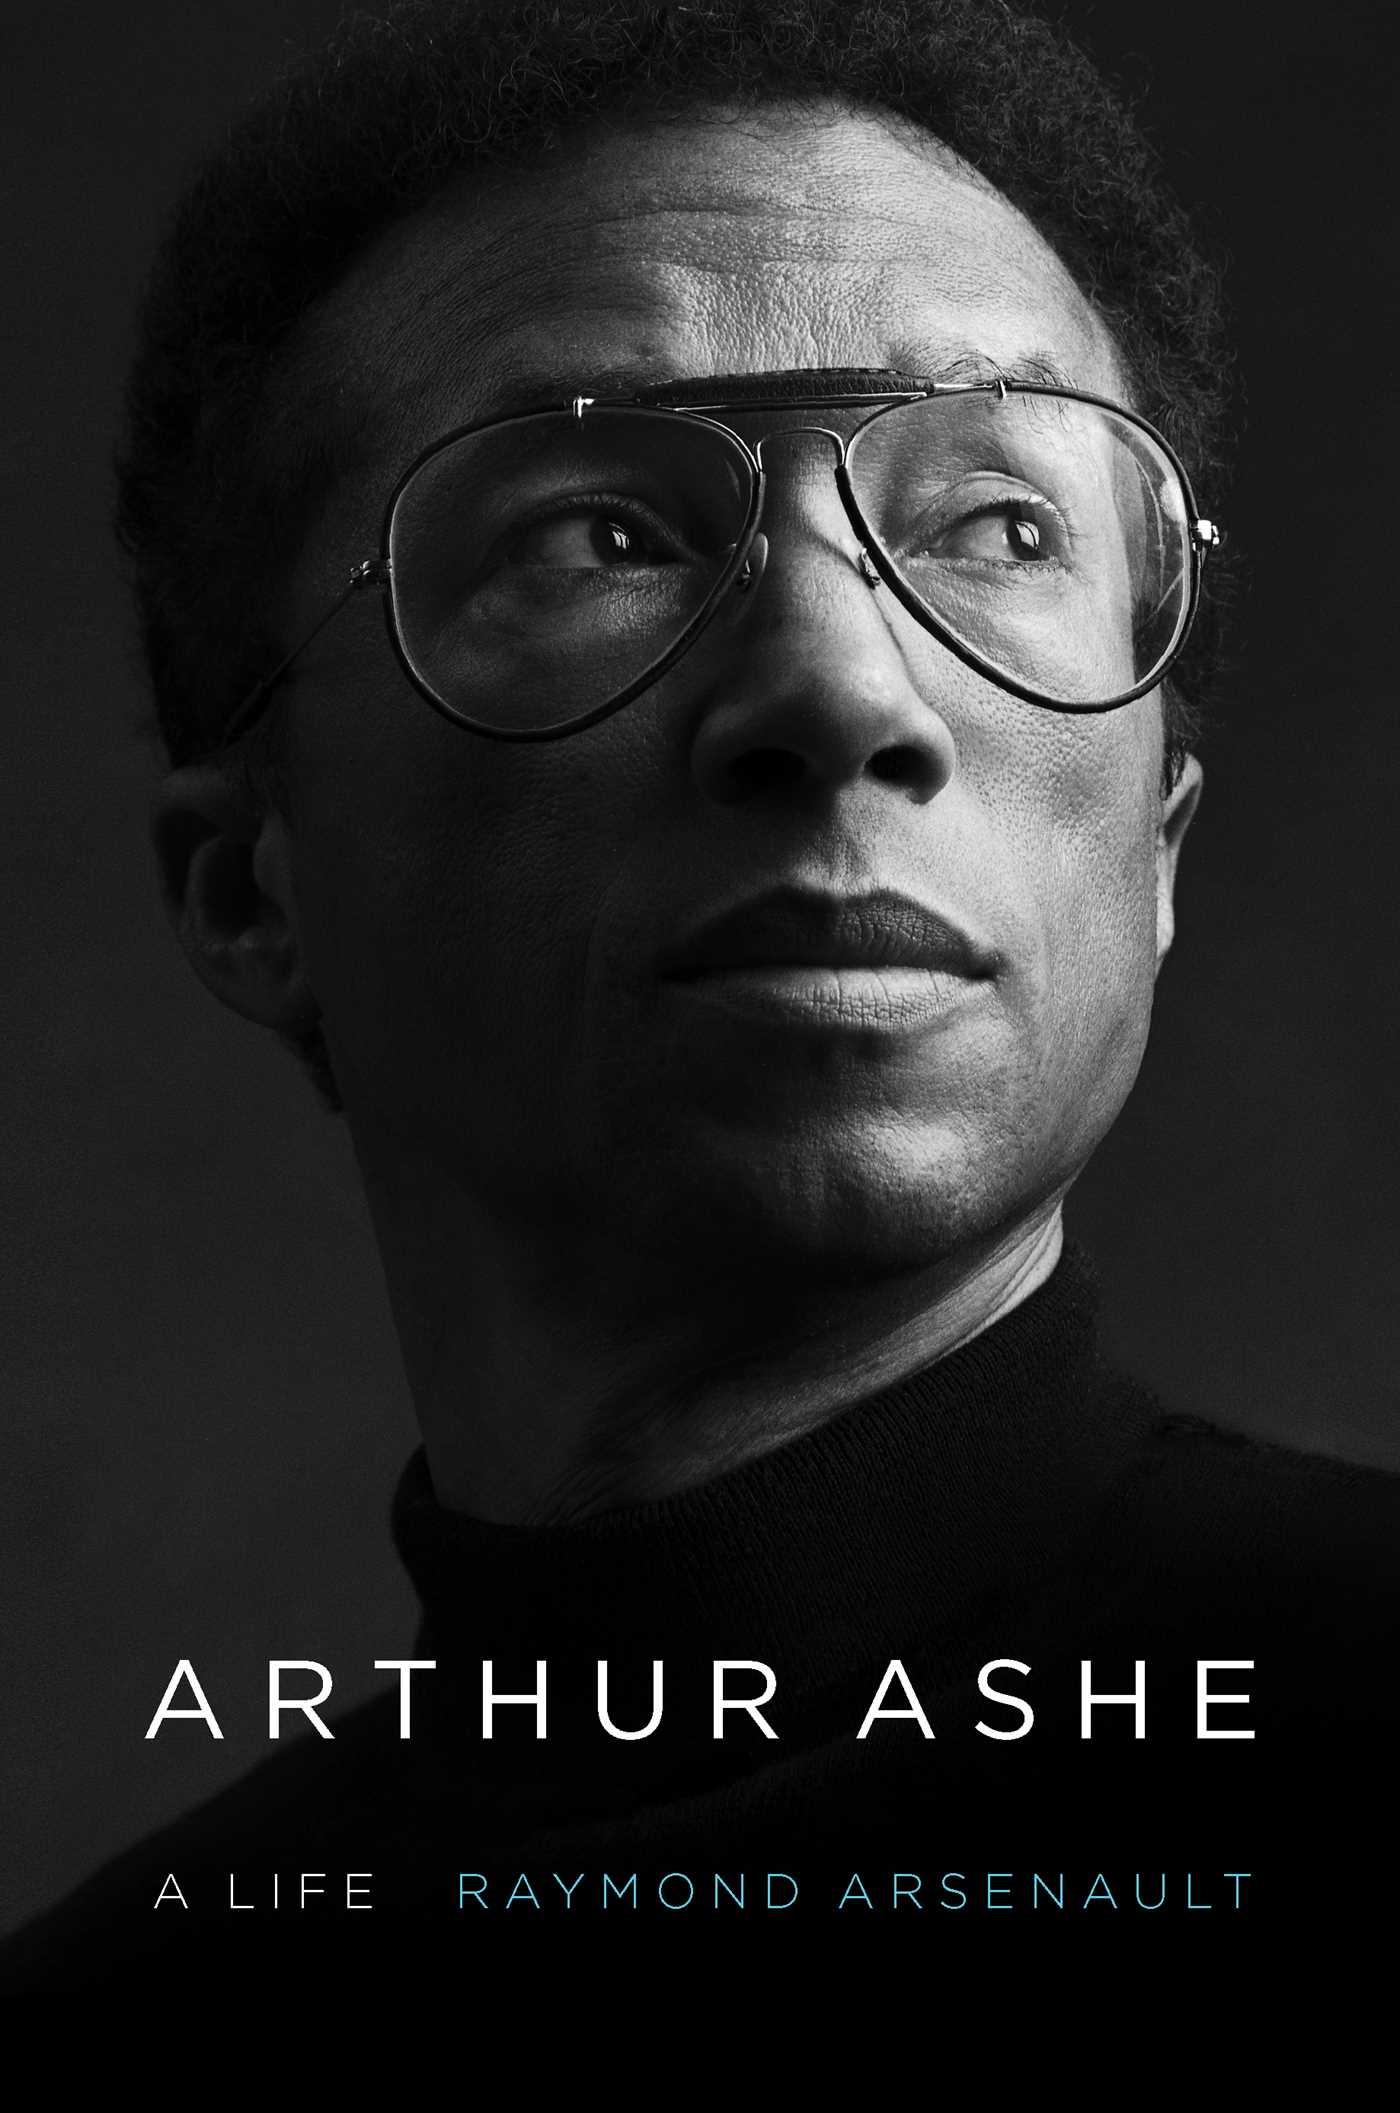 Arthur ashe 9781439189047 hr